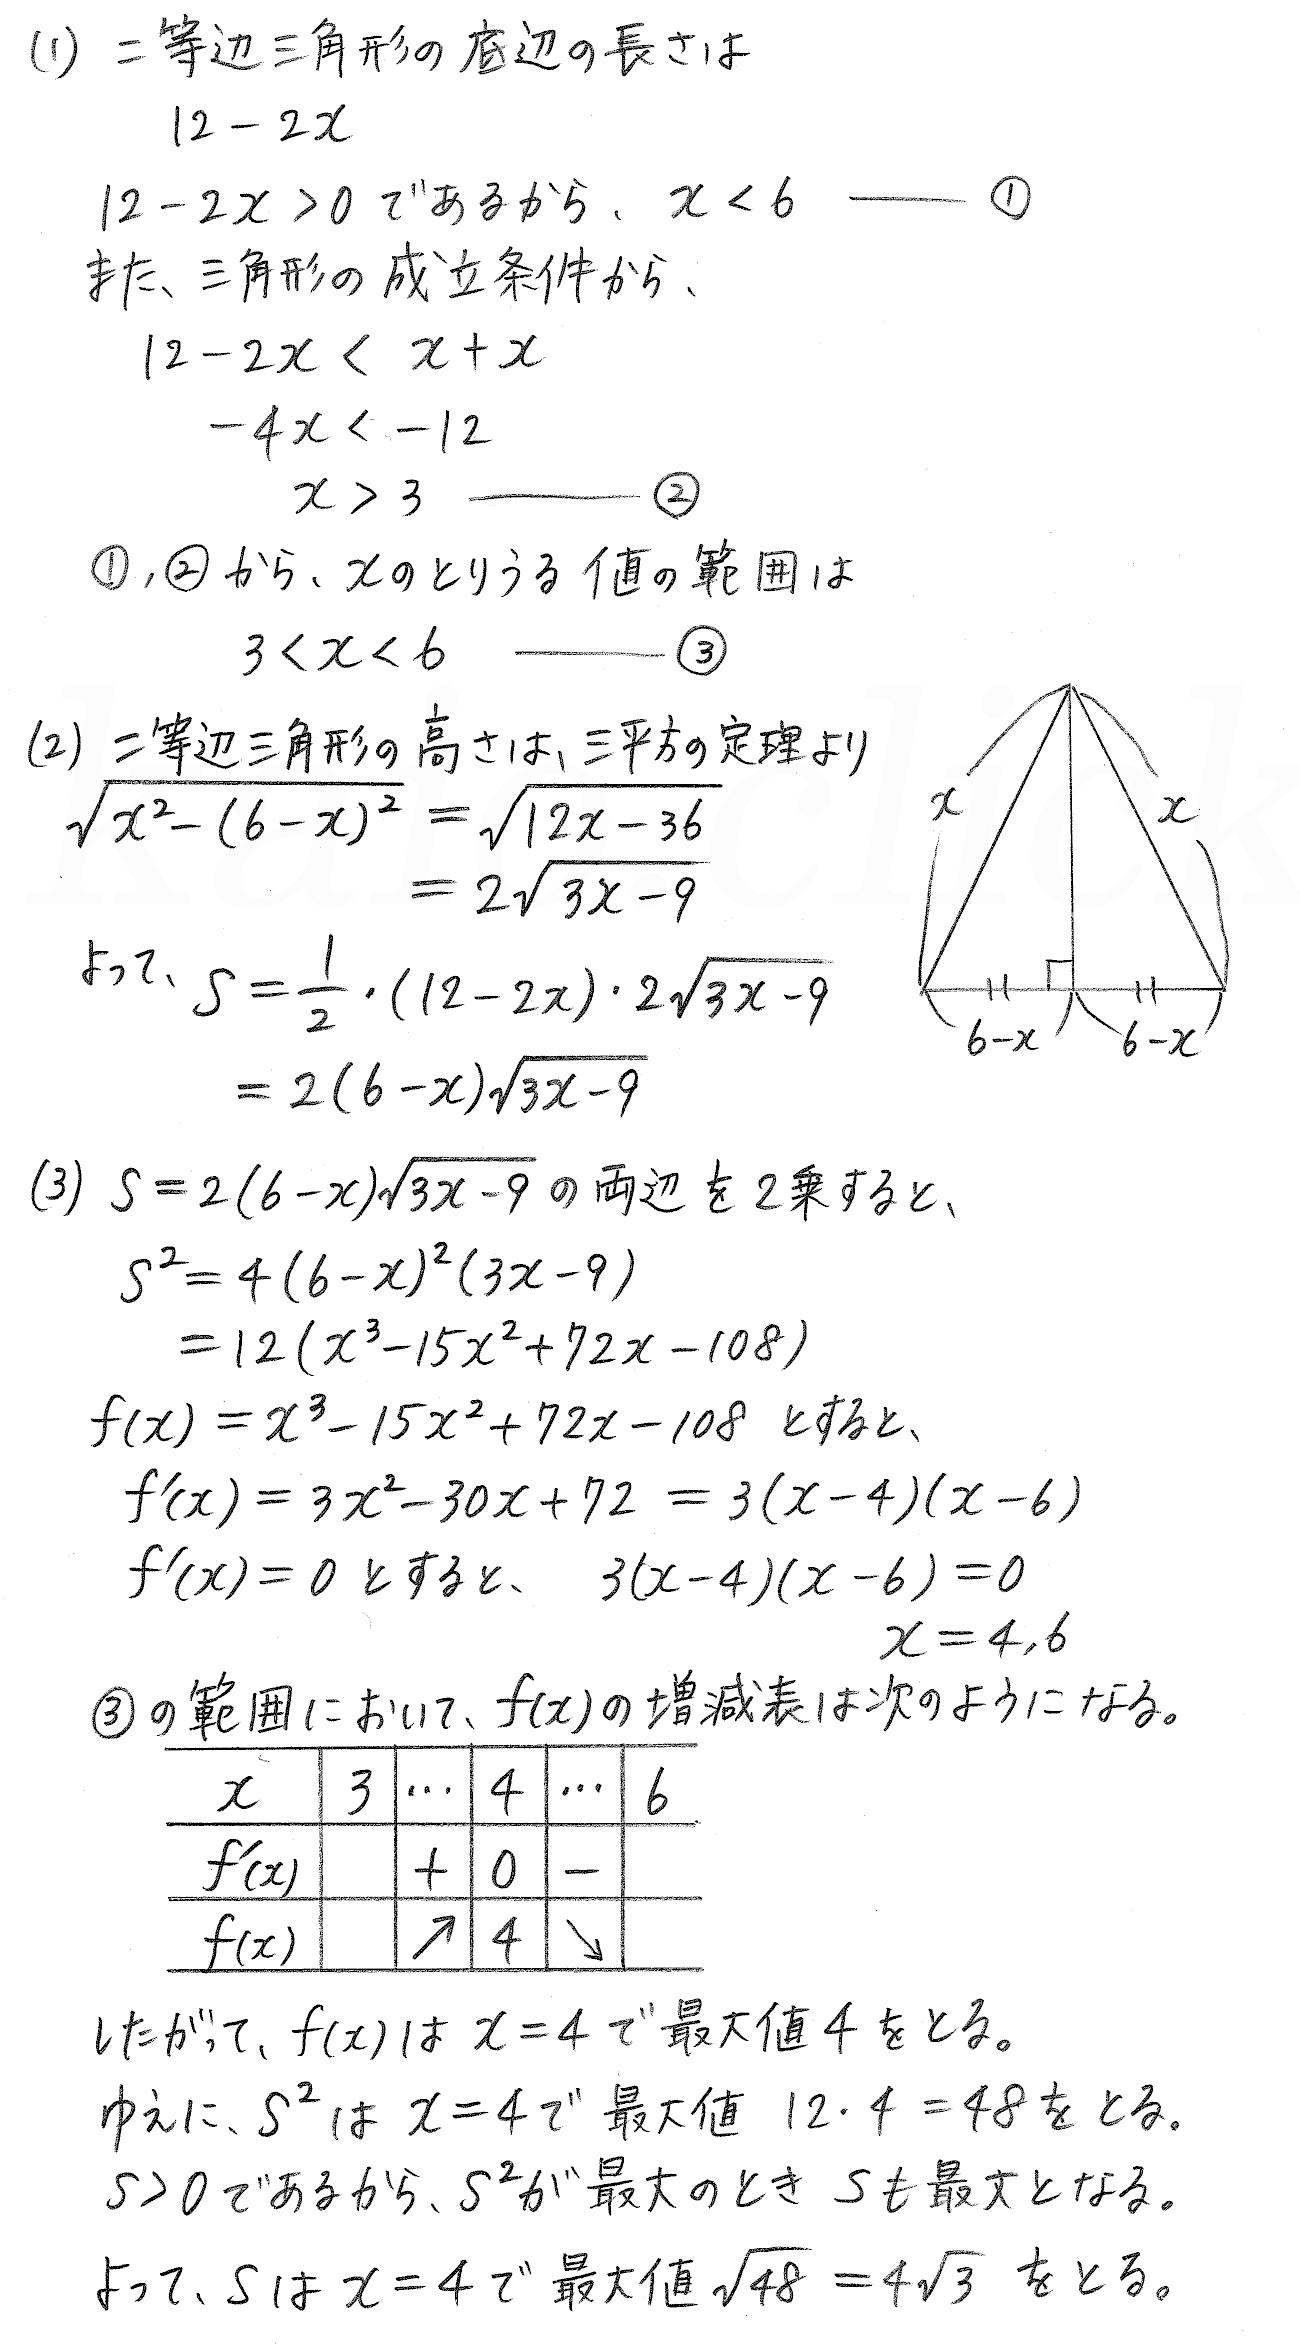 クリアー数学2-436解答